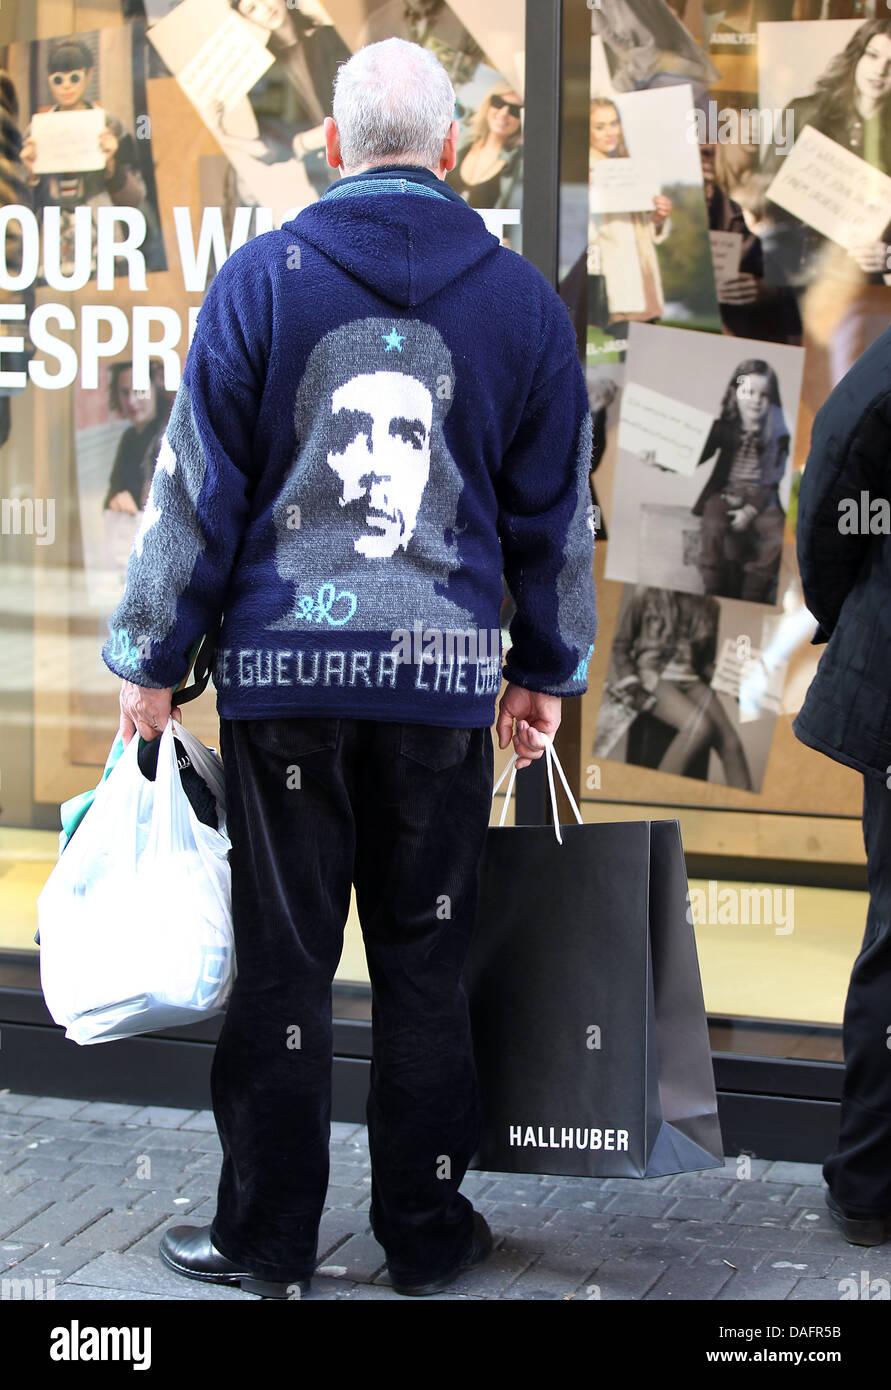 Un hombre que llevaba un suéter mostrando el líder de la revolución cubana Che  Guevara mira ca50aa27f04